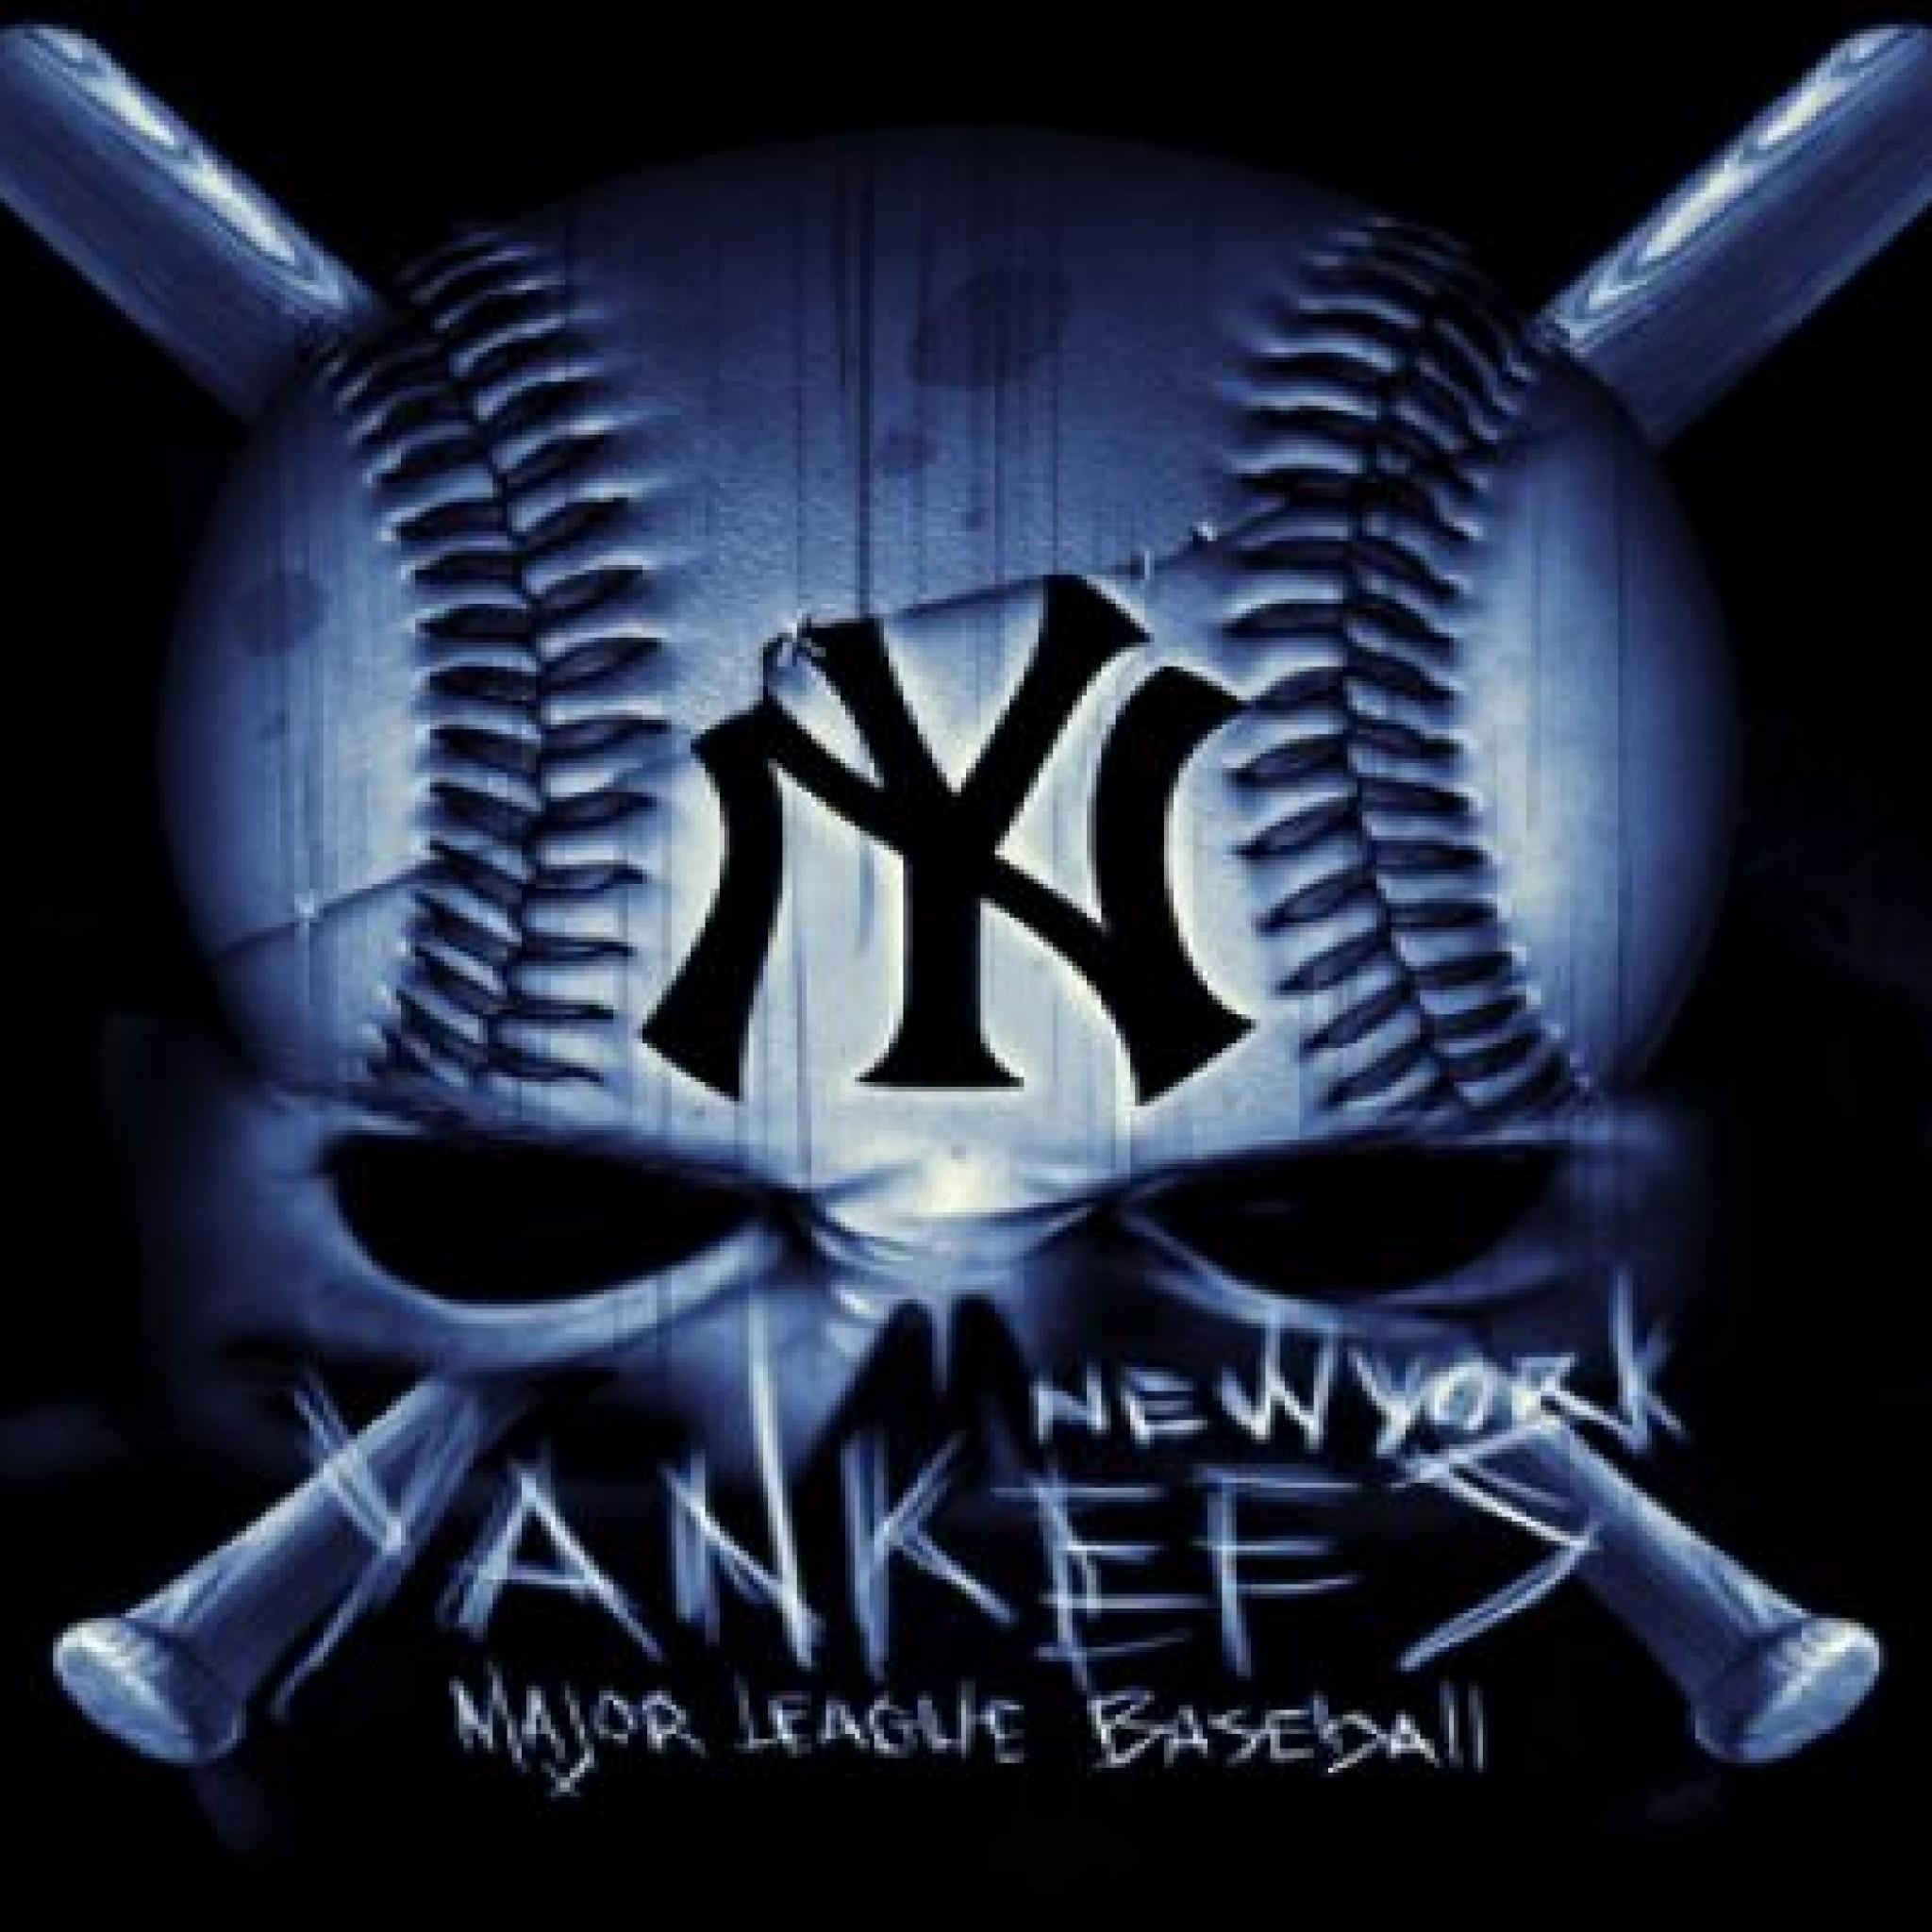 Ny yankees logo wallpaper wallpapersafari new york yankees wallpapers new york yankees background page 2 biocorpaavc